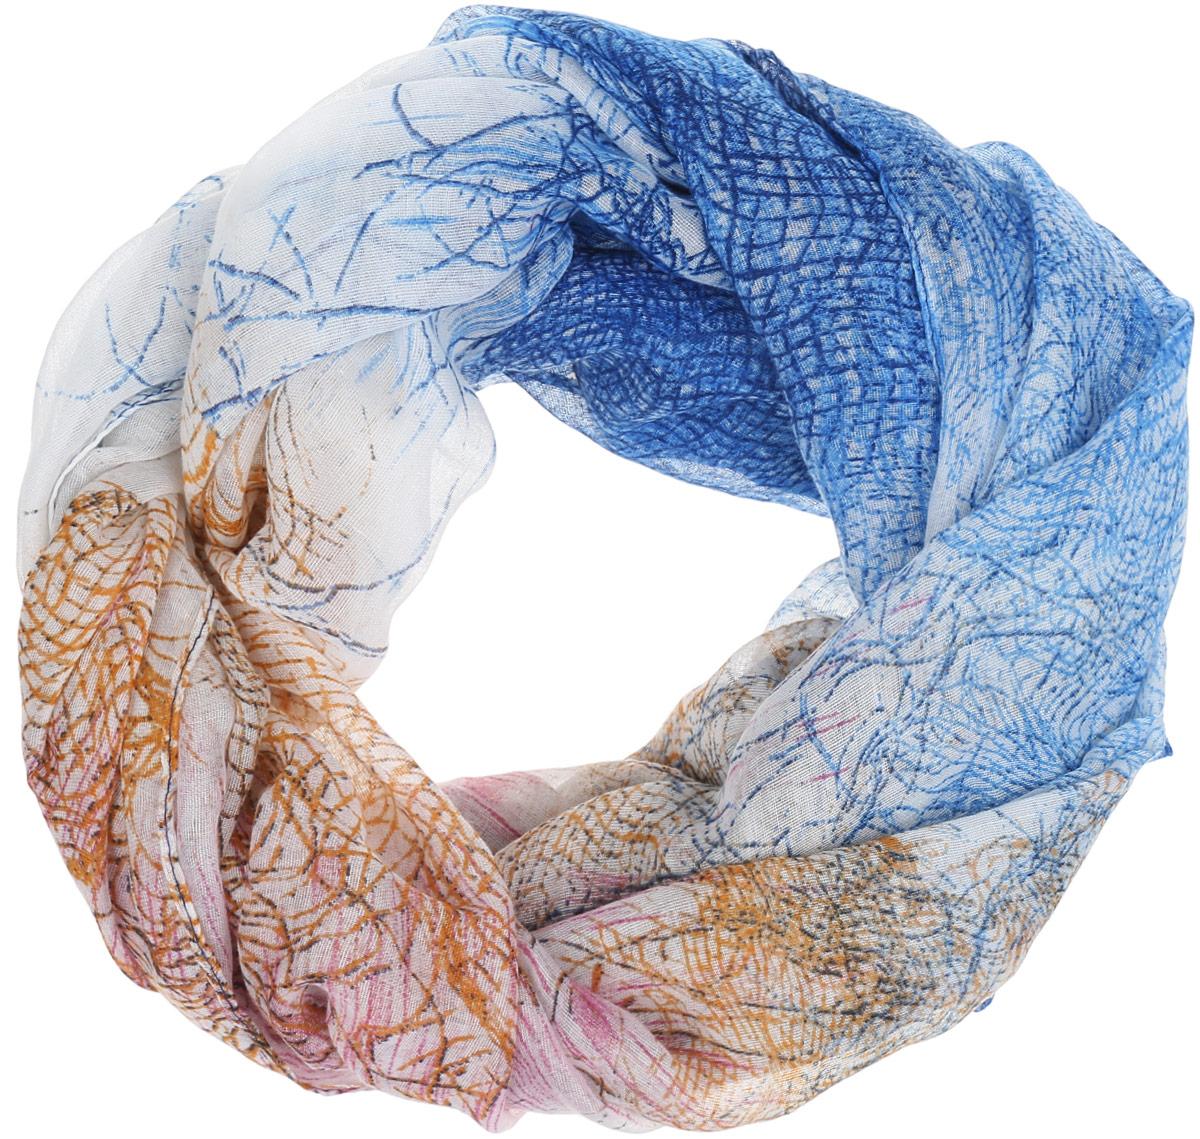 Палантин женский Labbra, цвет: синий, бежевый. LDB31-615. Размер 100 см х 180 смLDB31-615Элегантный палантин Labbra станет достойным завершением вашего образа.Палантин изготовлен из вискозы. Модель оформлена оригинальным принтом. Палантин красиво драпируется, он превосходно дополнит любой наряд и подчеркнет ваш изысканный вкус.Легкий и изящный палантин привнесет в ваш образ утонченность и шарм.